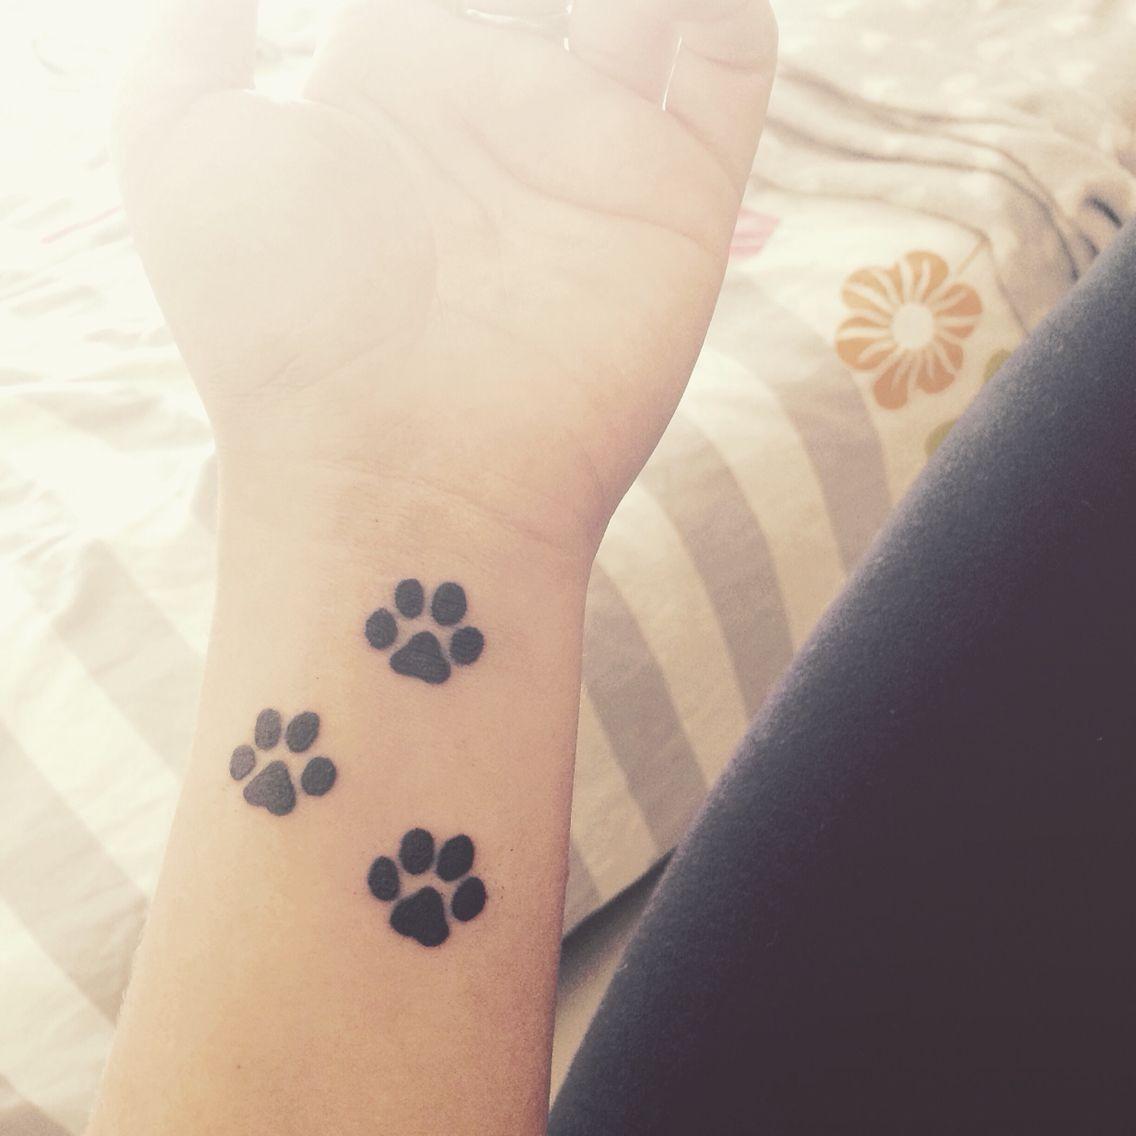 Tatouage Pattes De Chiens Tattoo S Tatouage Patte De